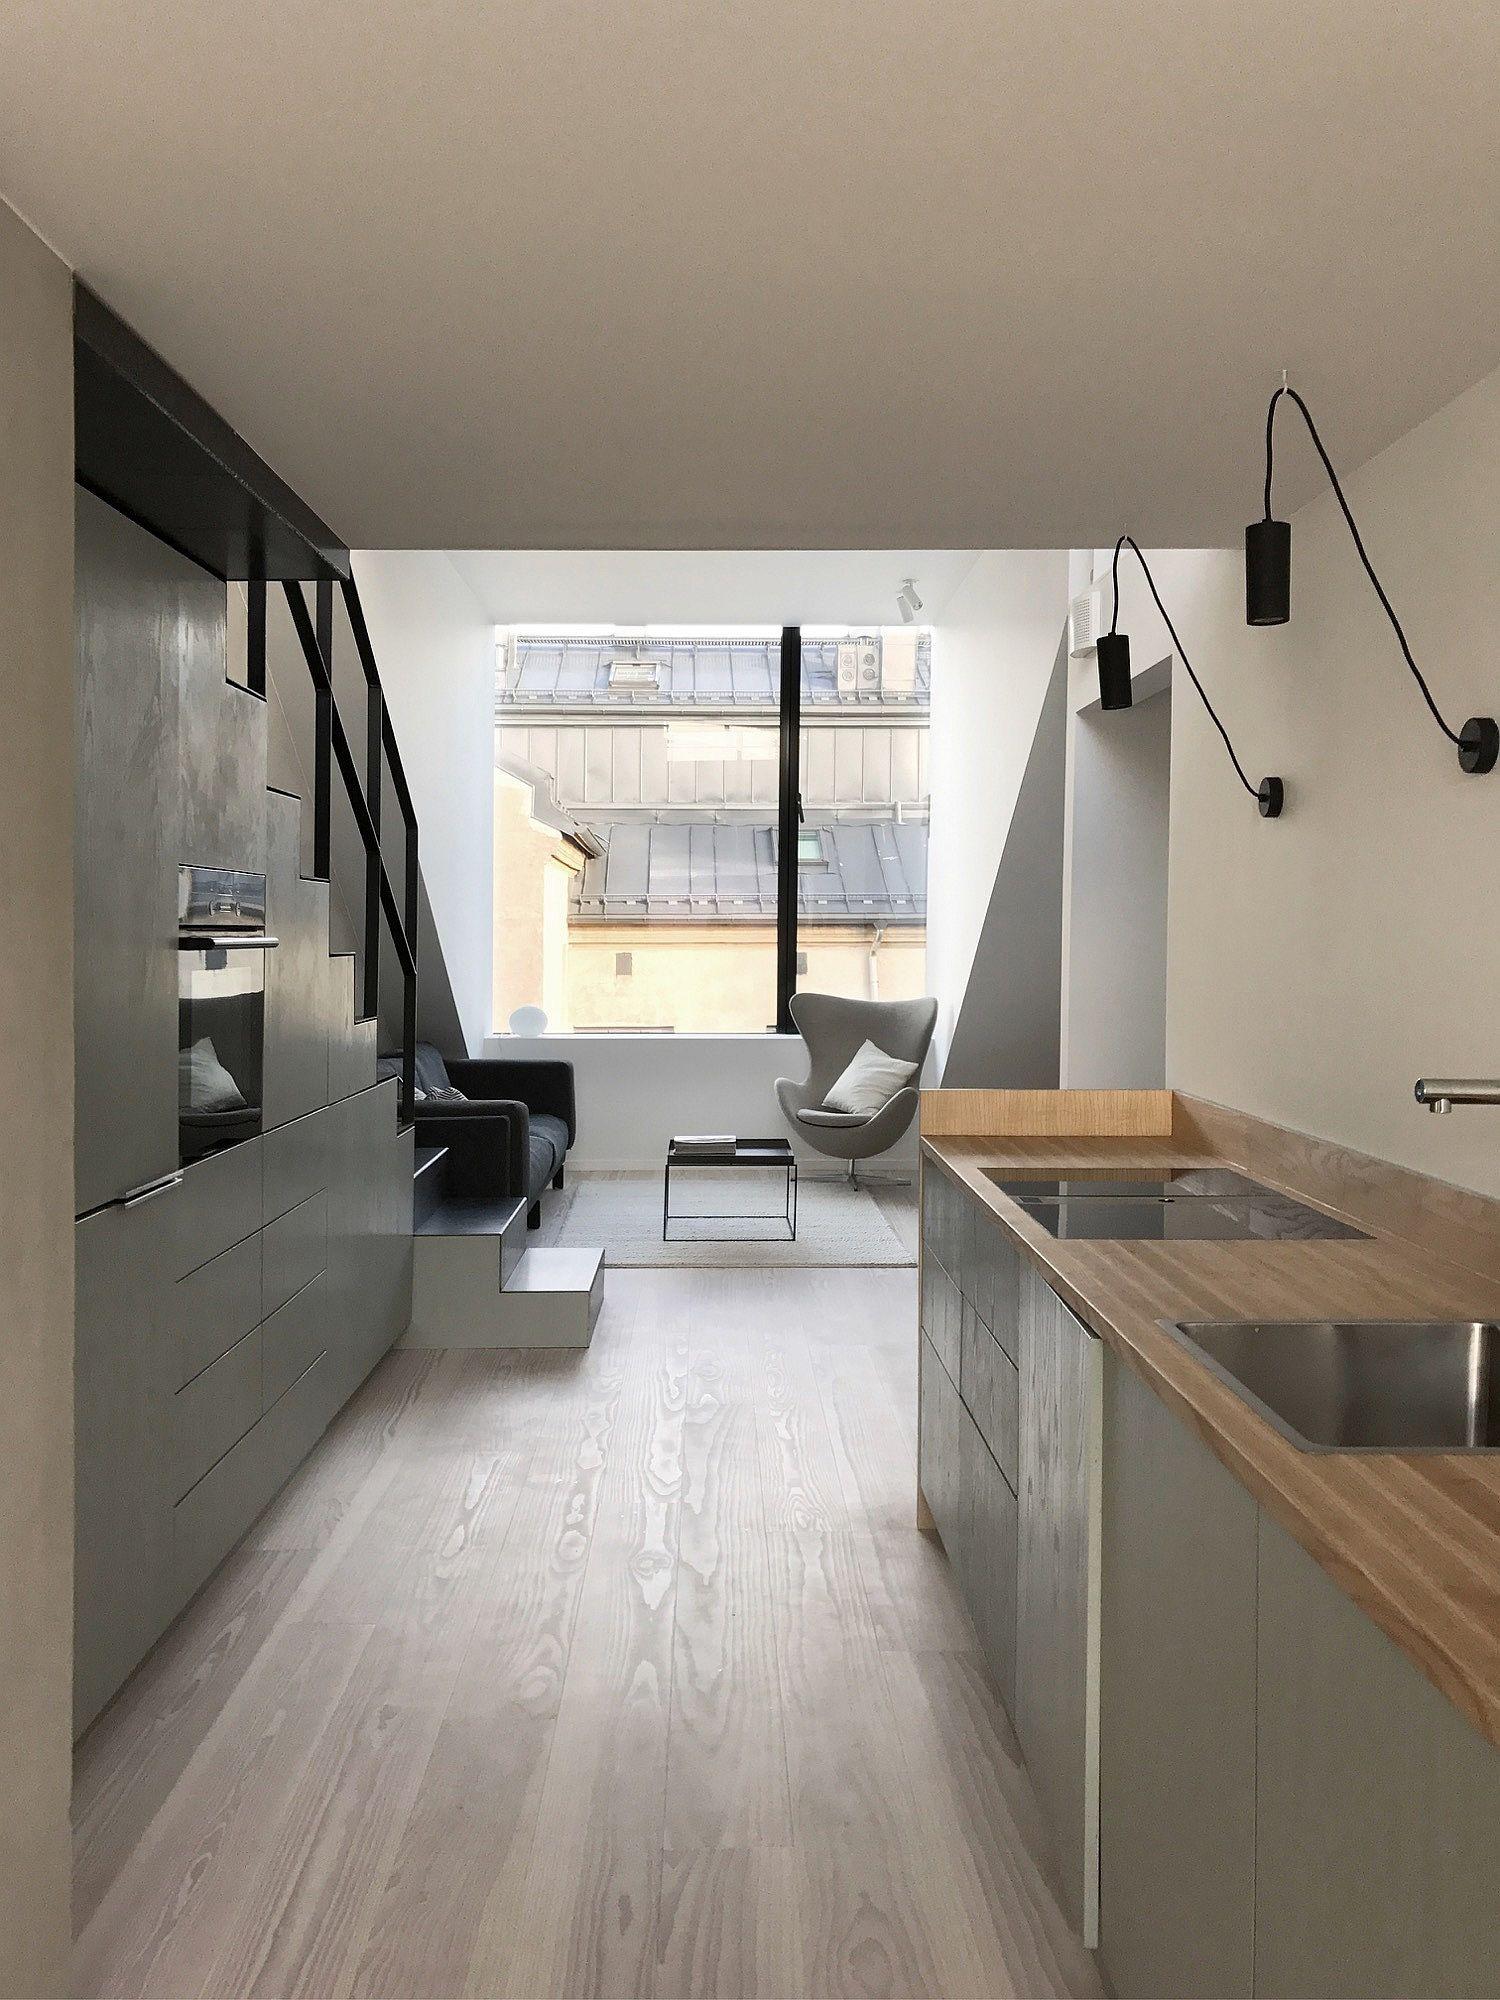 Biến hóa gác xép cũ ở thành phố Oslo thành căn hộ hiện đại, xinh xắn mới thấy bạn đã phải chết mê - Ảnh 5.